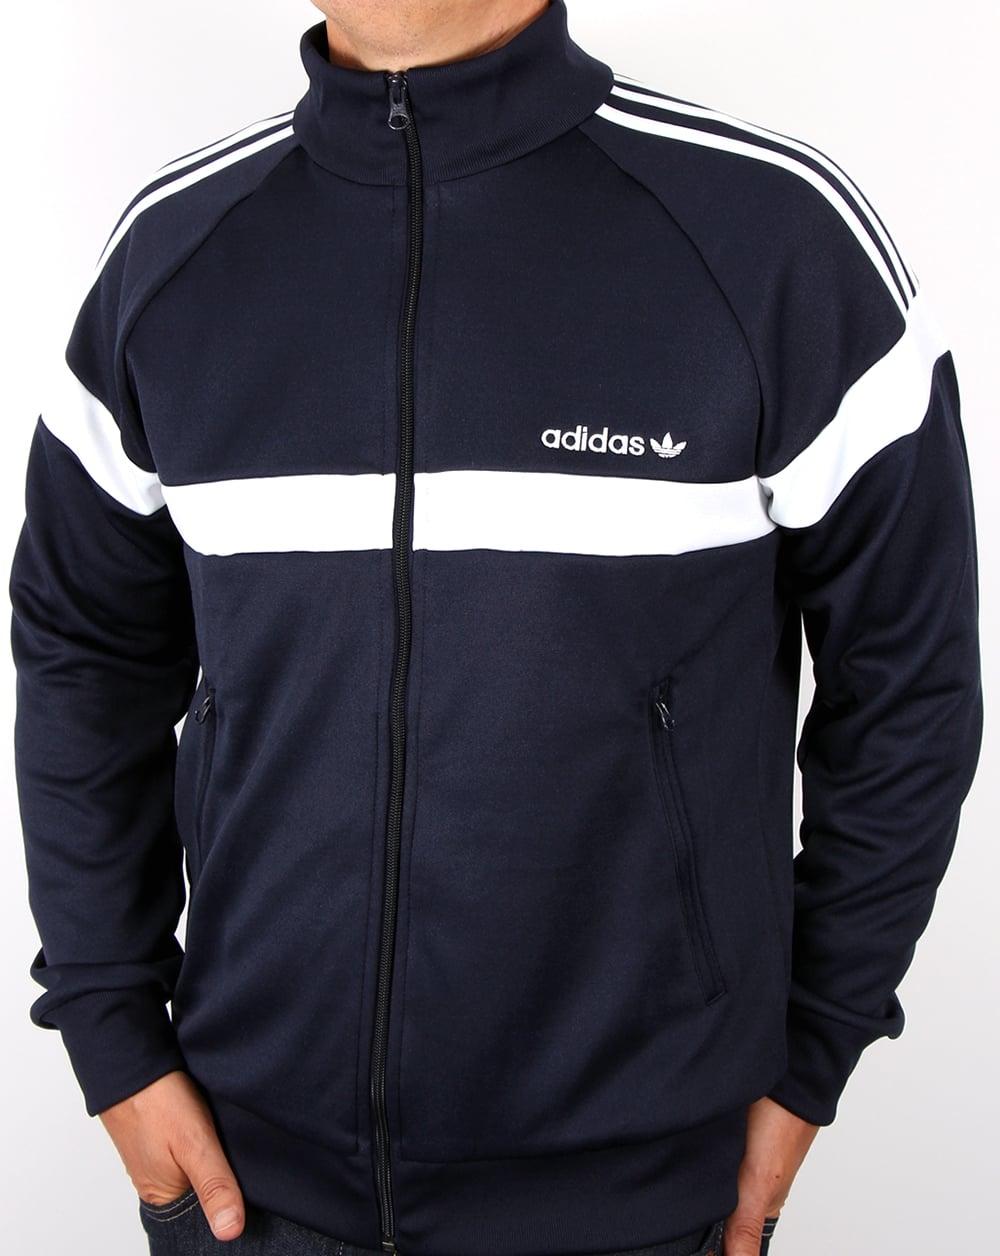 e1ad2e8f8941 adidas Originals Adidas Originals Itasca Track Top Navy